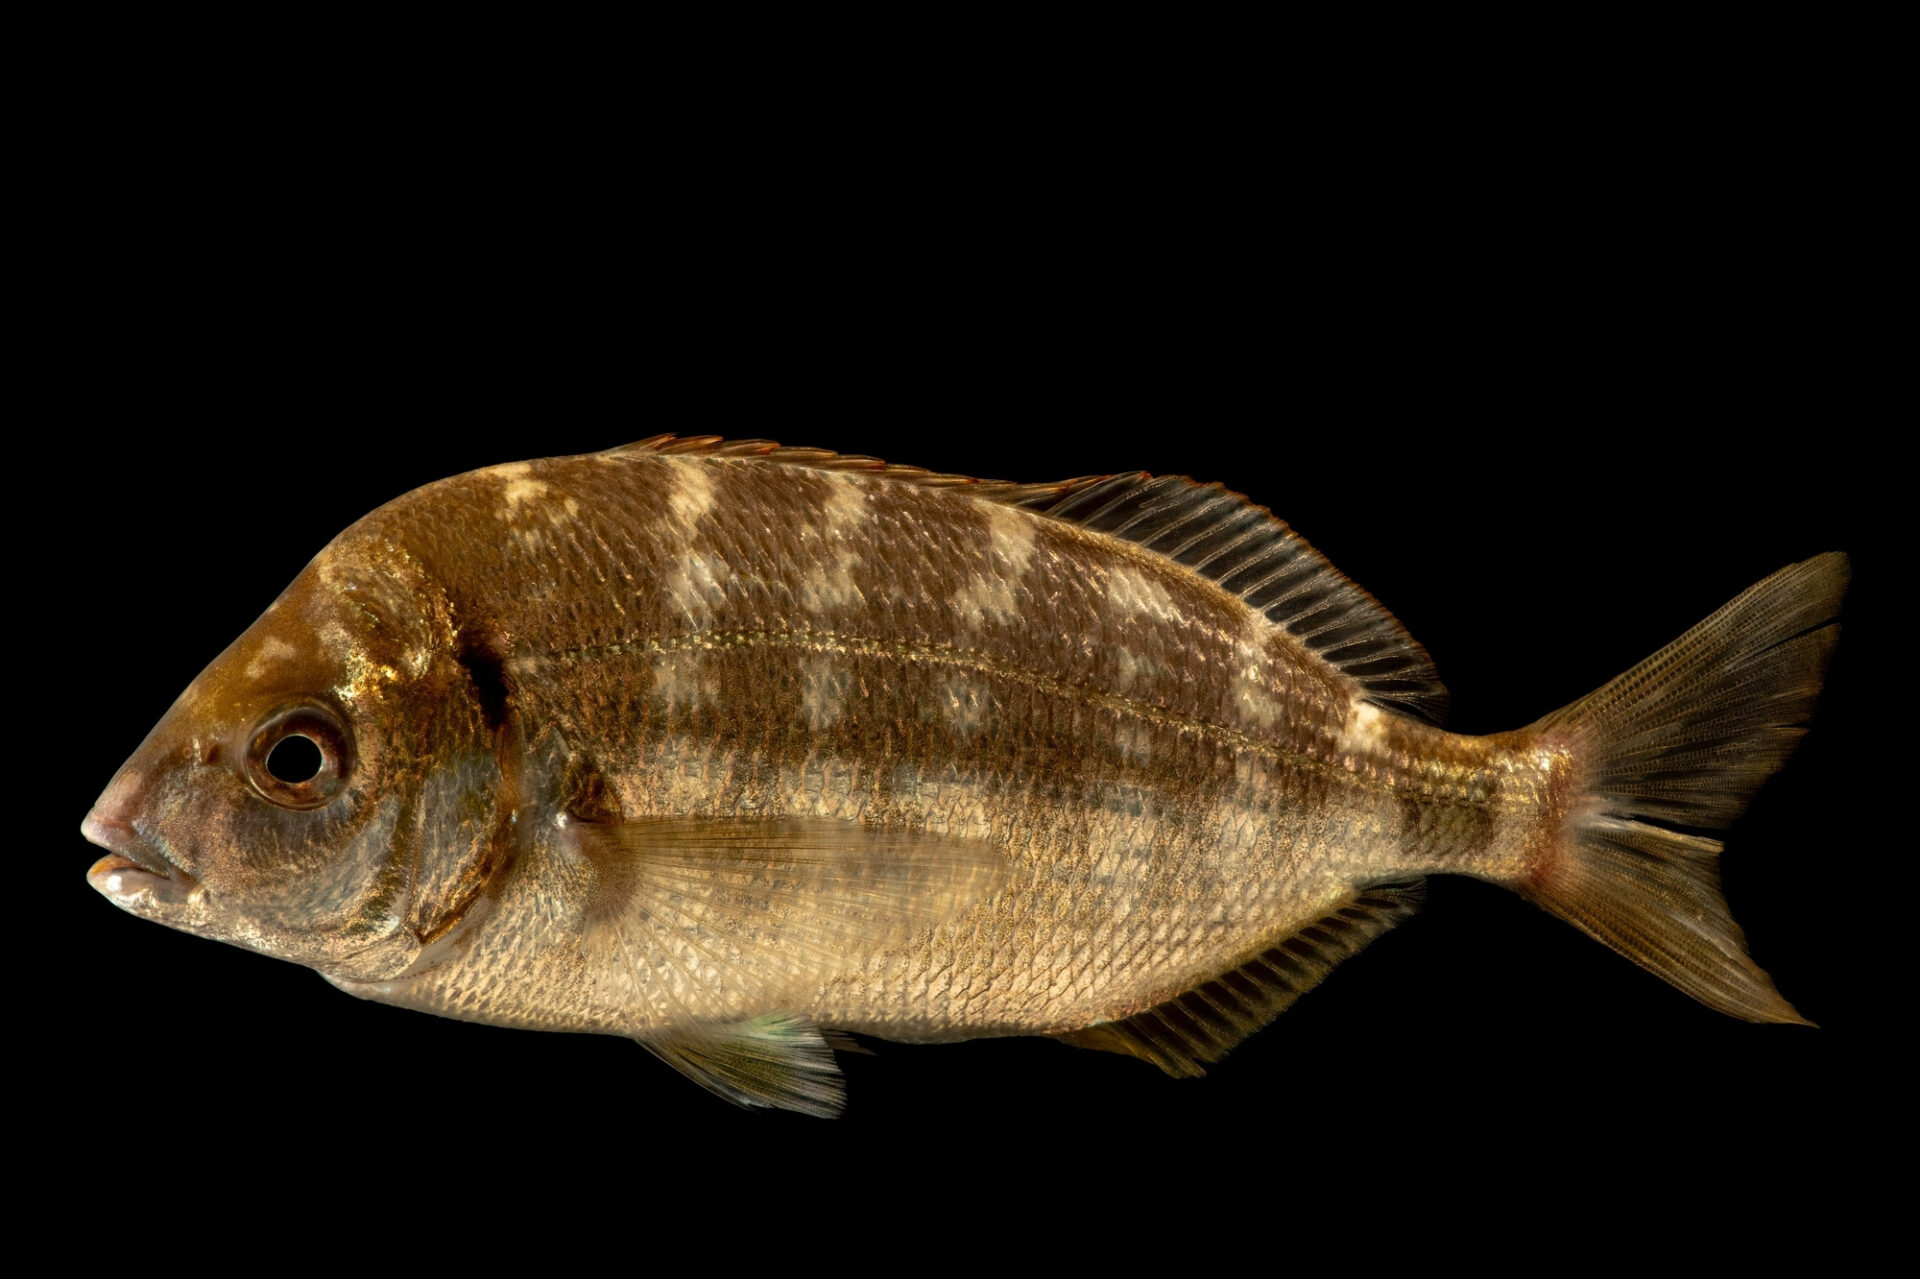 Photo: Senegal seabream, Diplodus bellottii, a saltwater fish at the Vasco da Gama Aquarium.